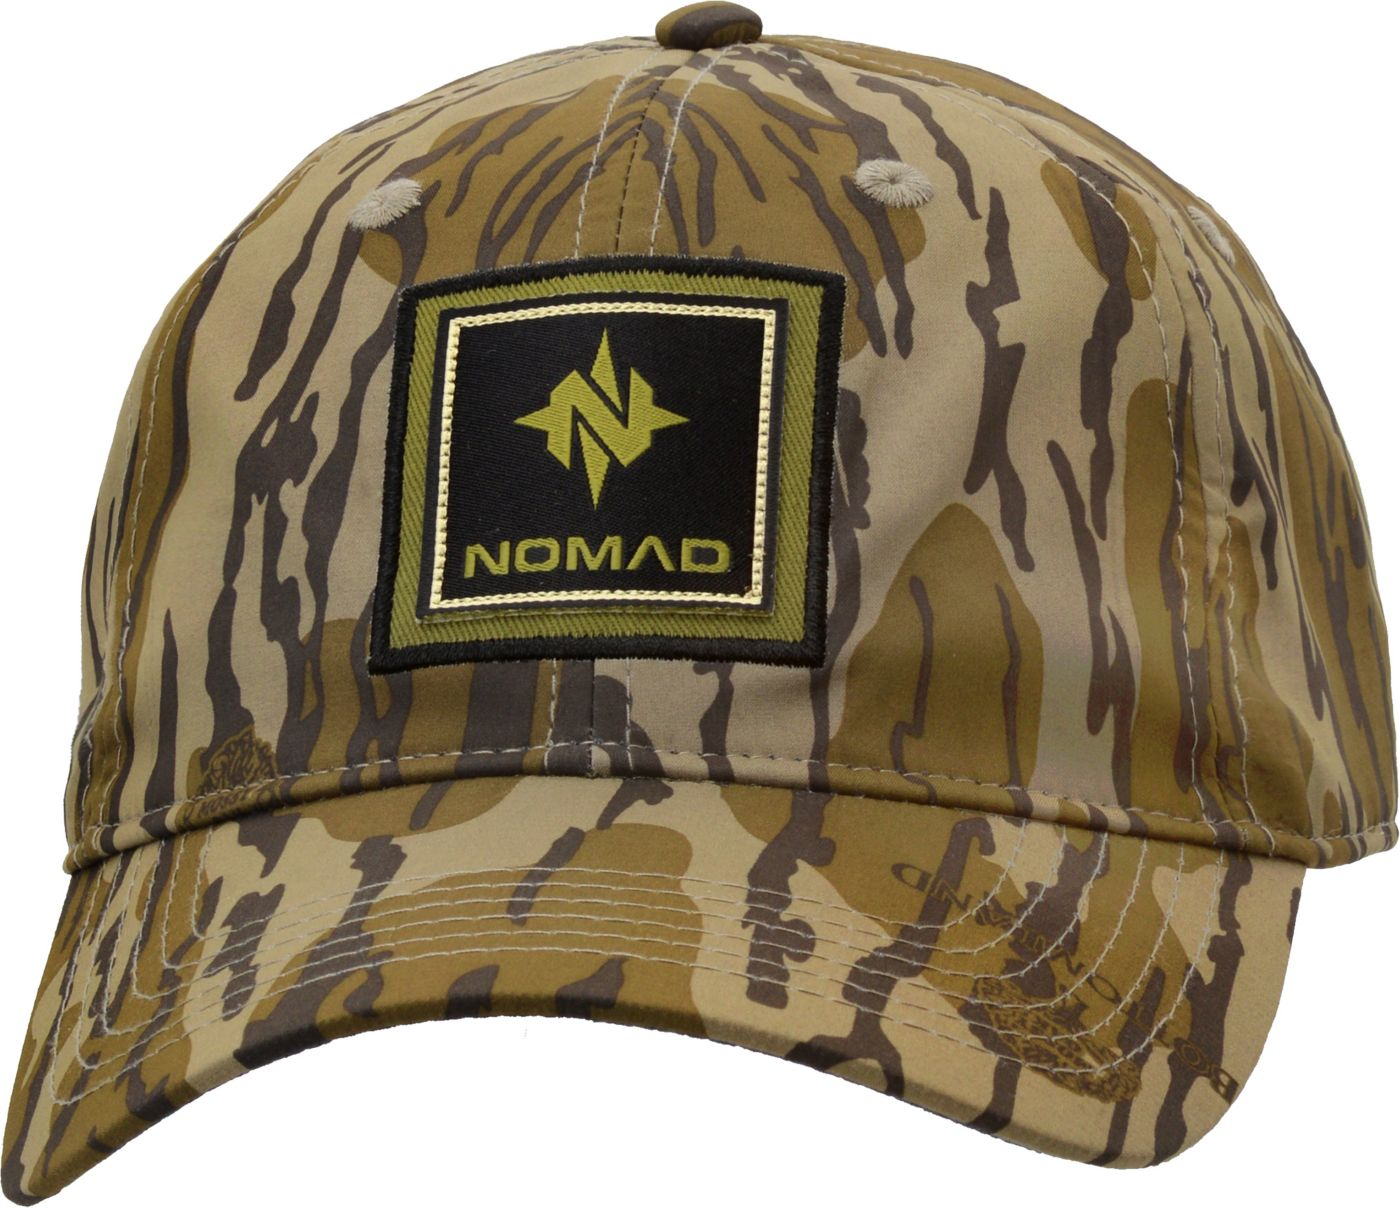 NOMAD Men's Woven Patch Hat